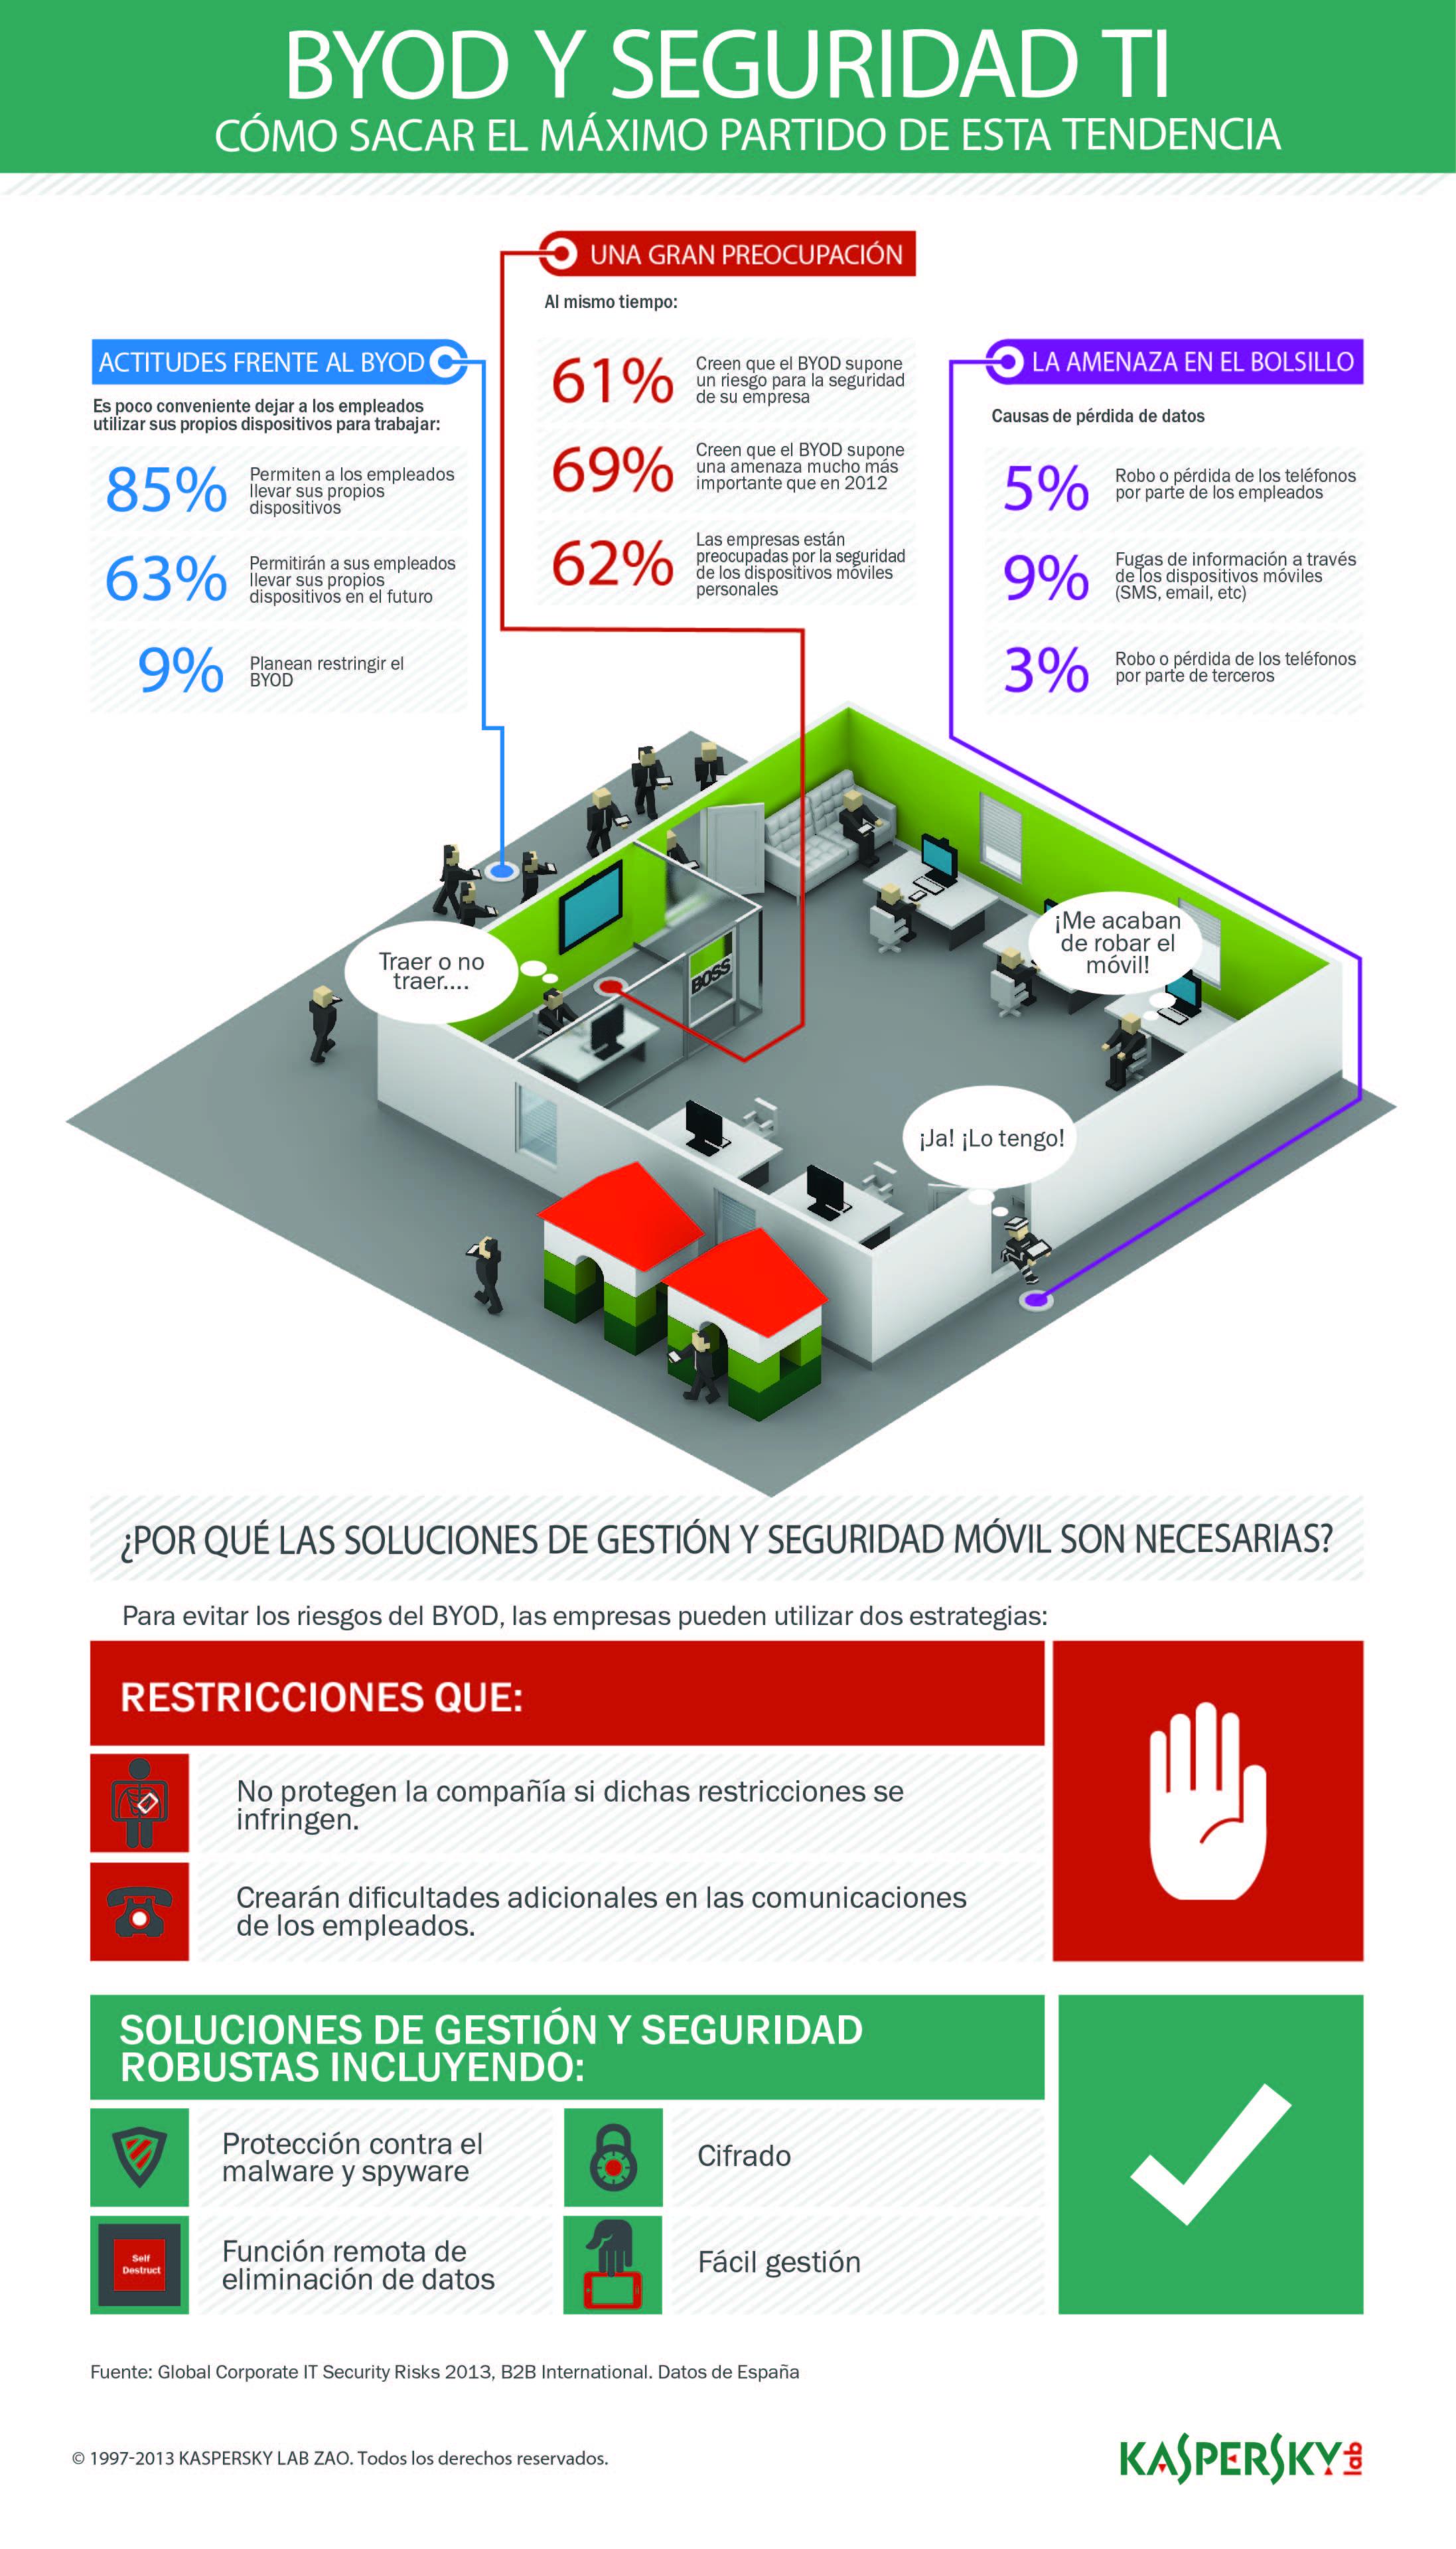 ES Kaspersky Lab_Infographic_BYOD trend_alta